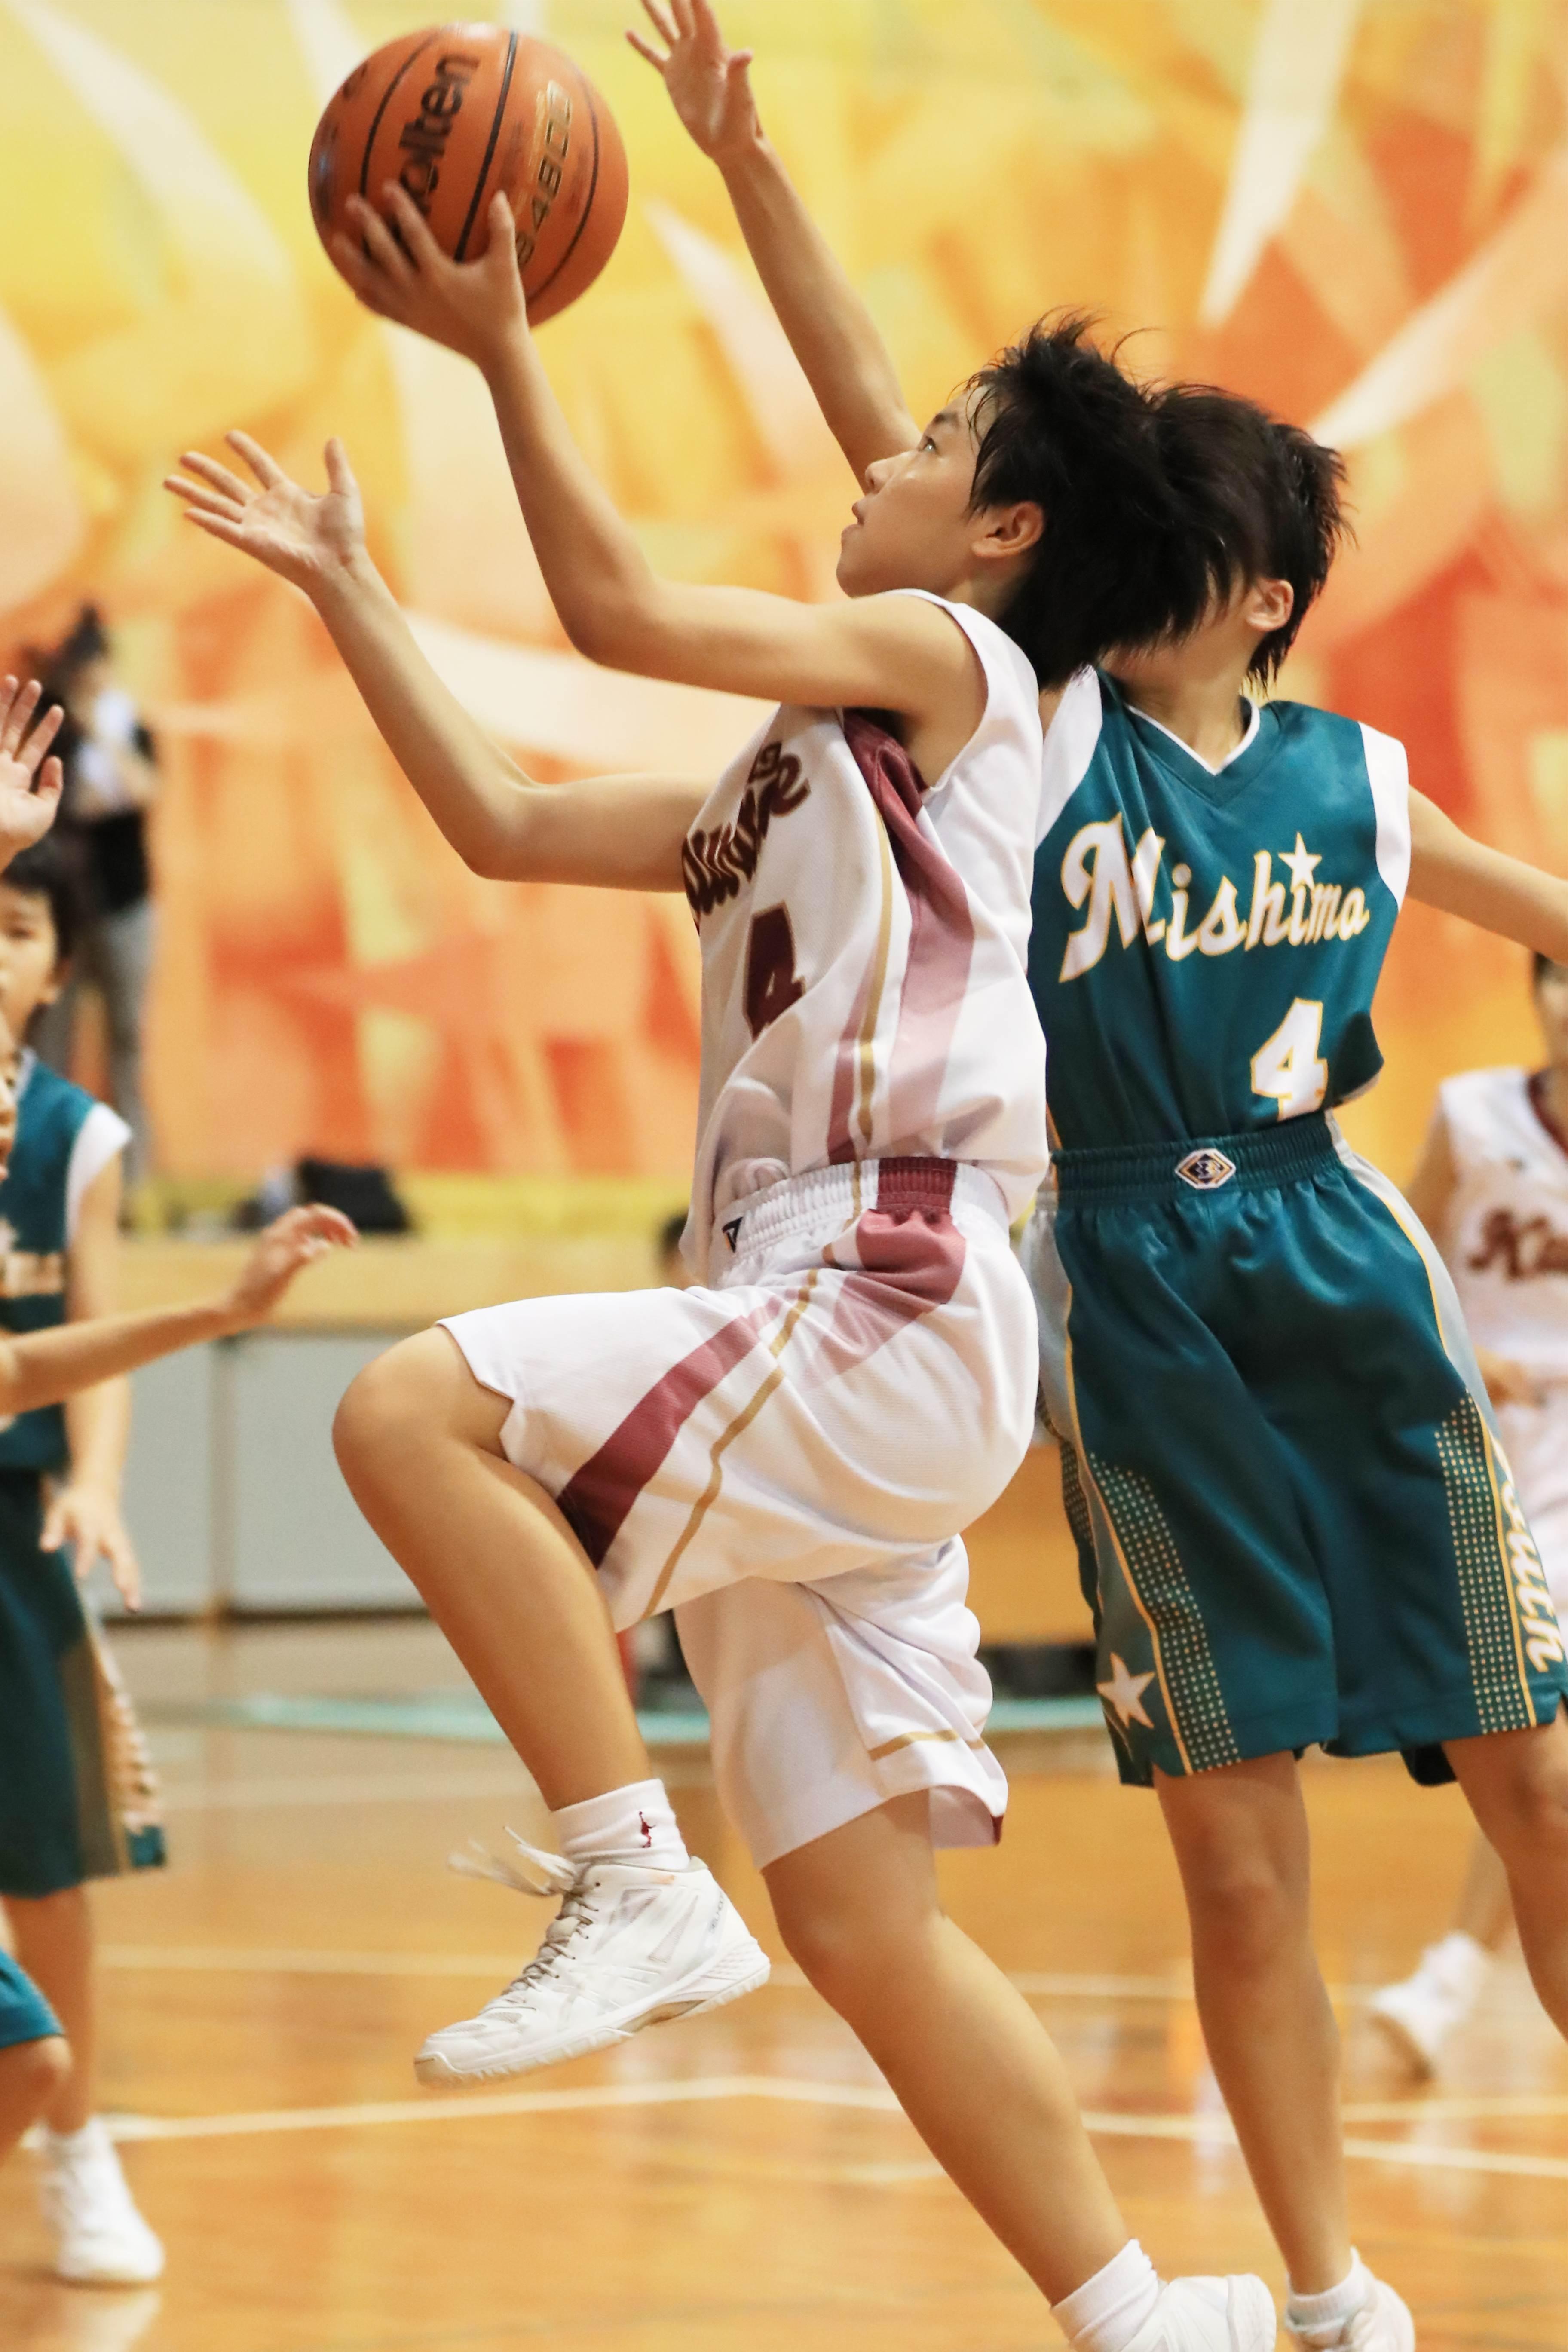 basketball (69)